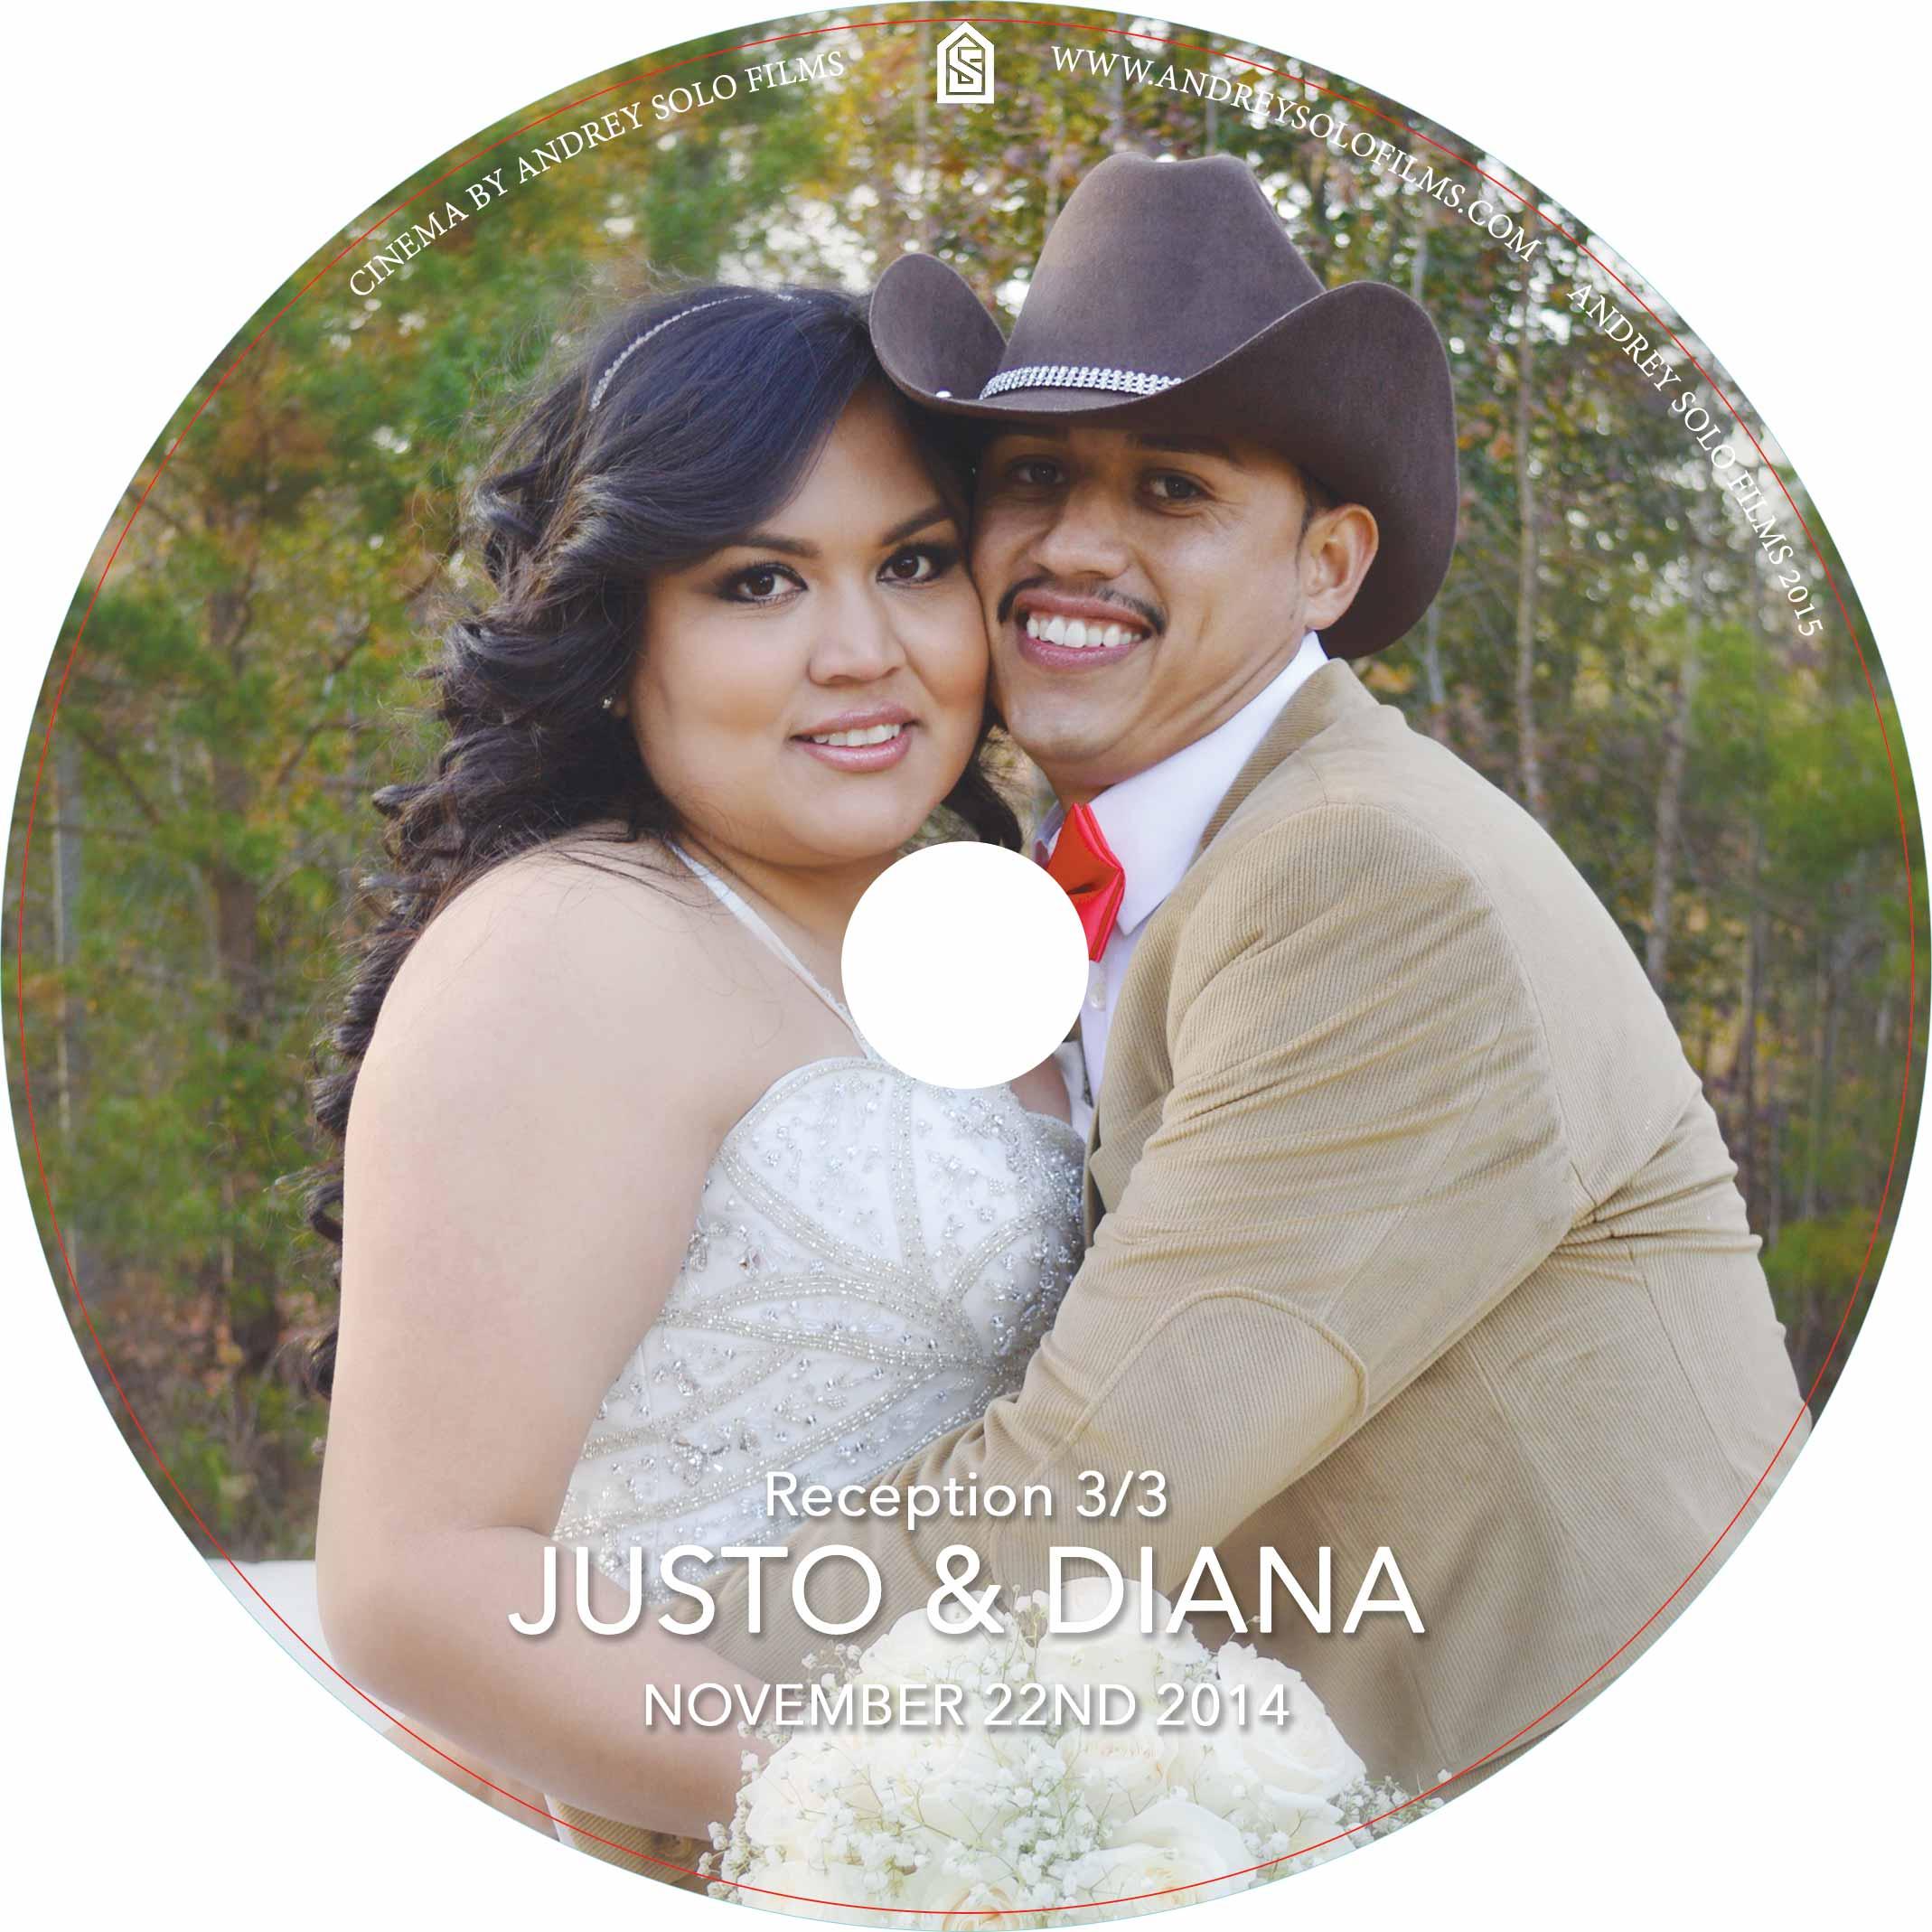 DVD-Disc-Template-2015wtemp.jpg